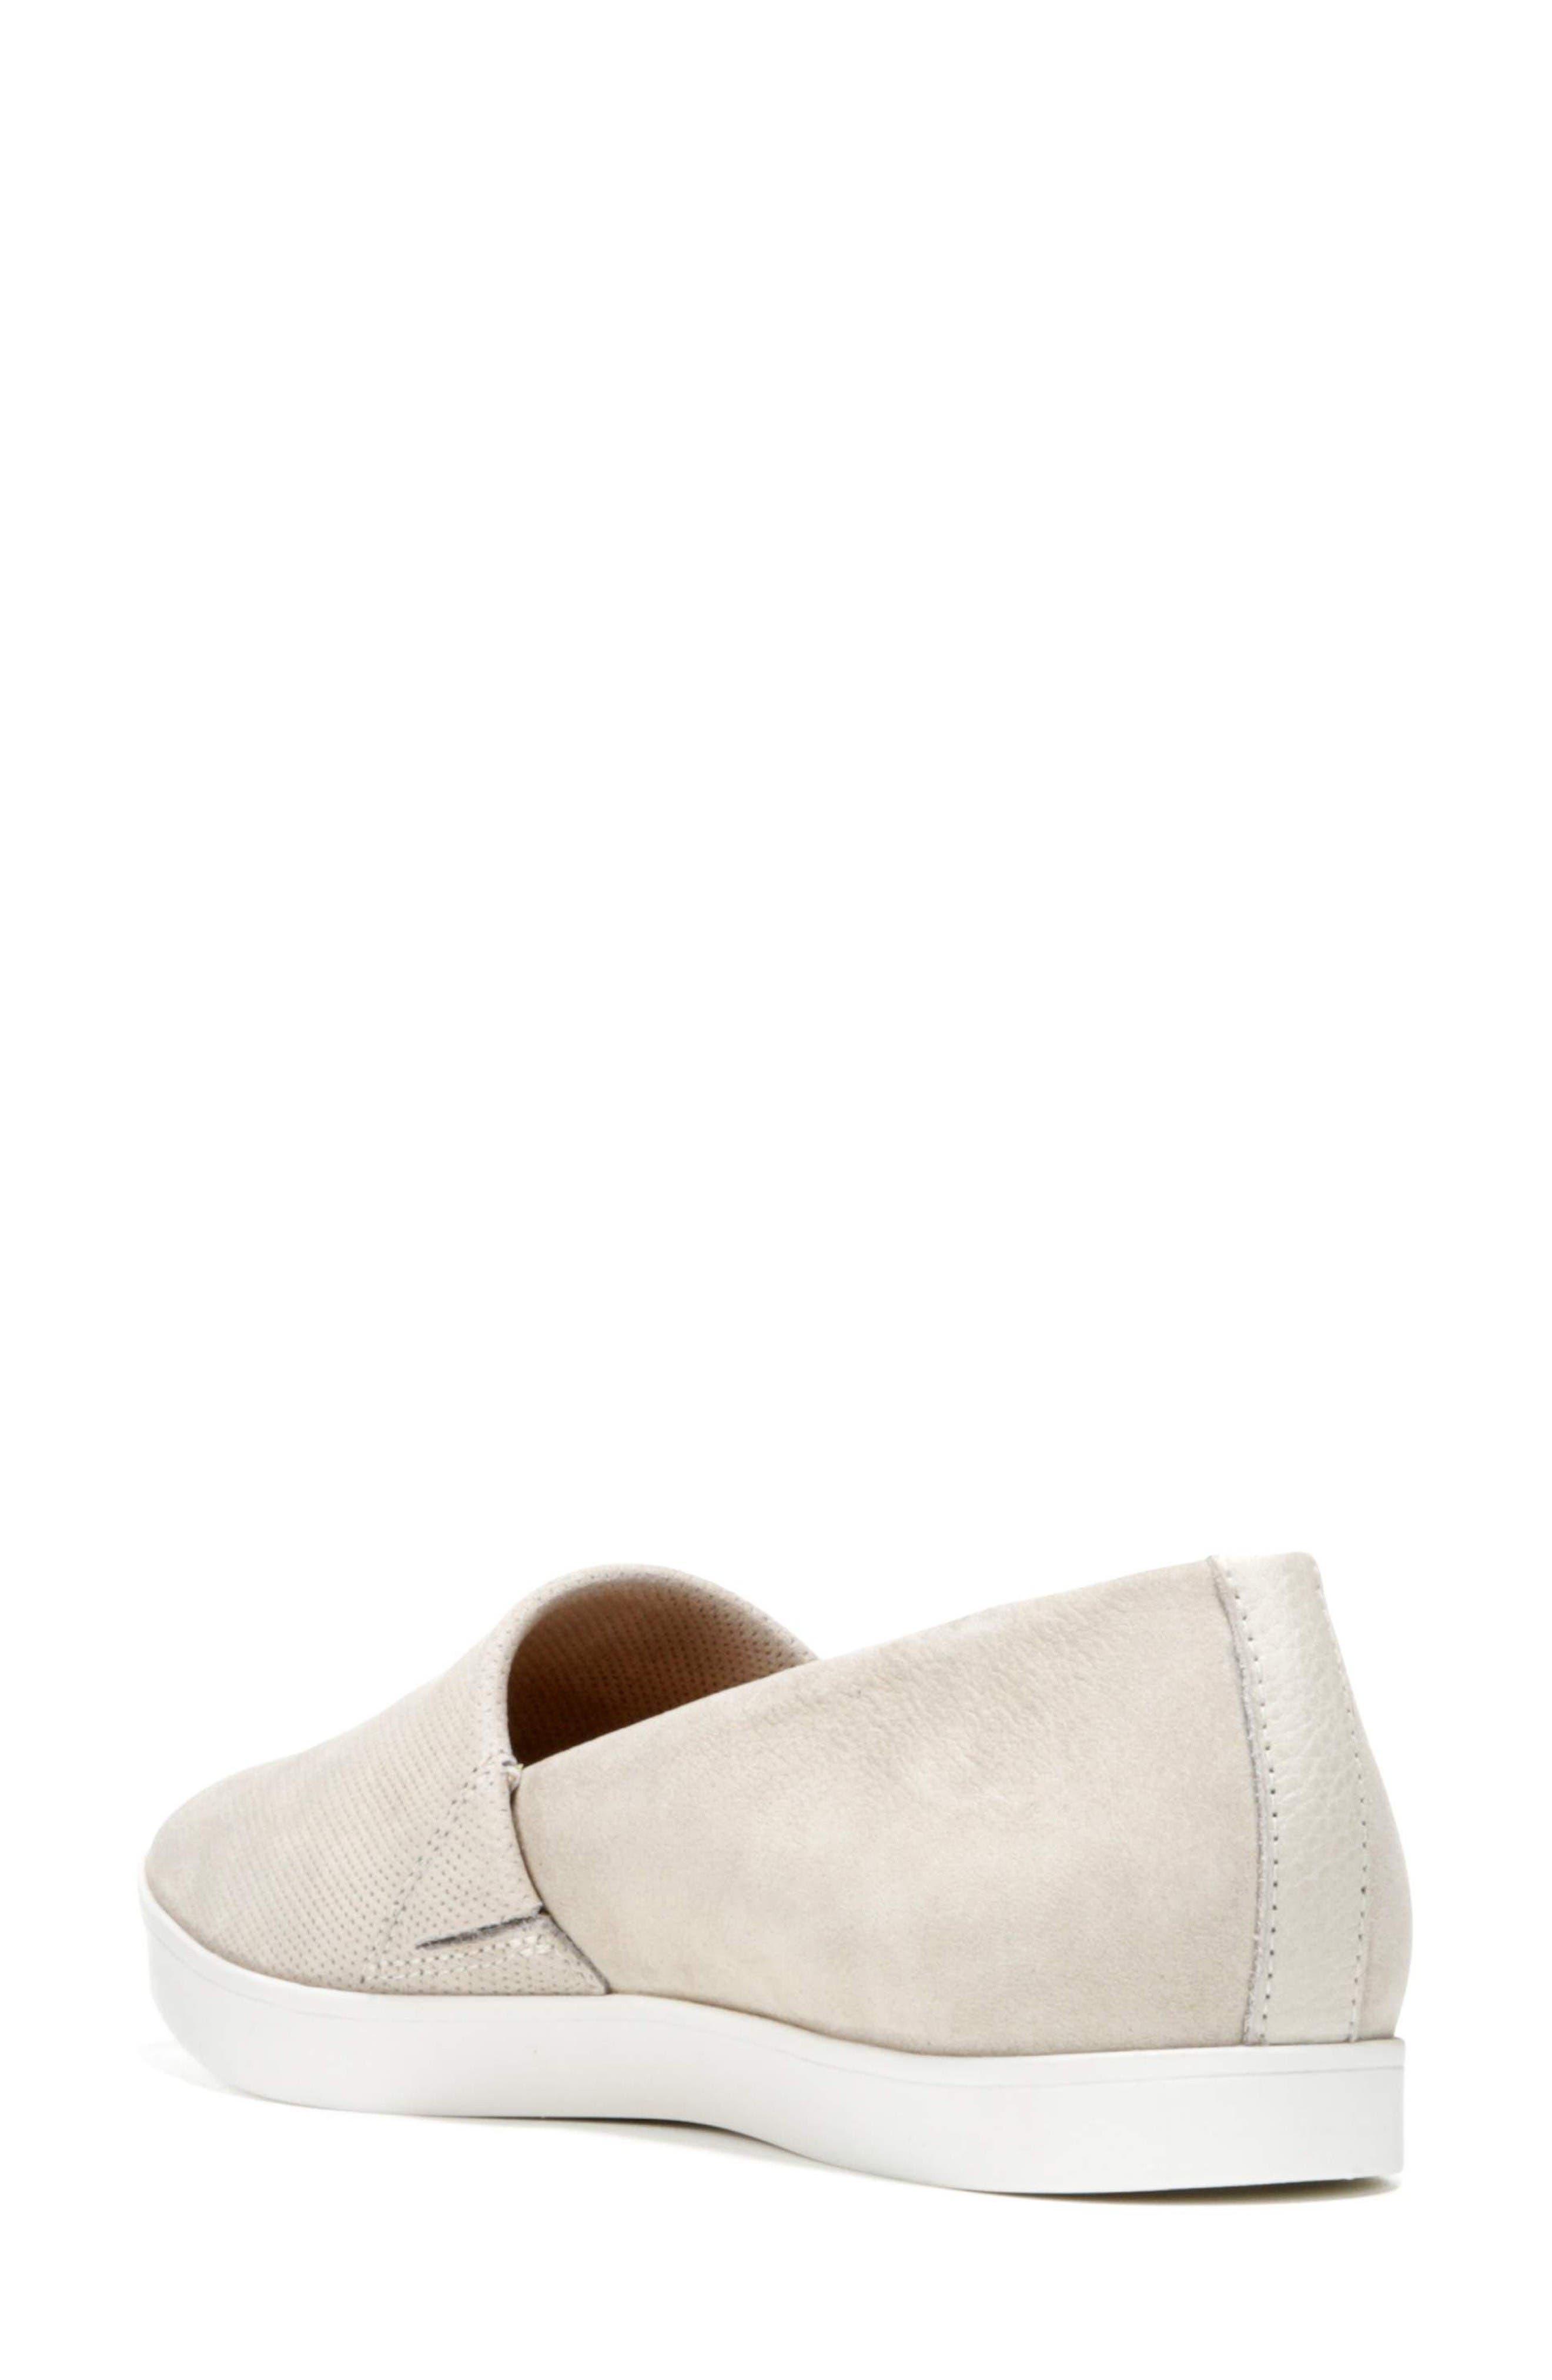 Alternate Image 2  - Dr. Scholl's 'Vienna' Slip-on Sneaker (Women)